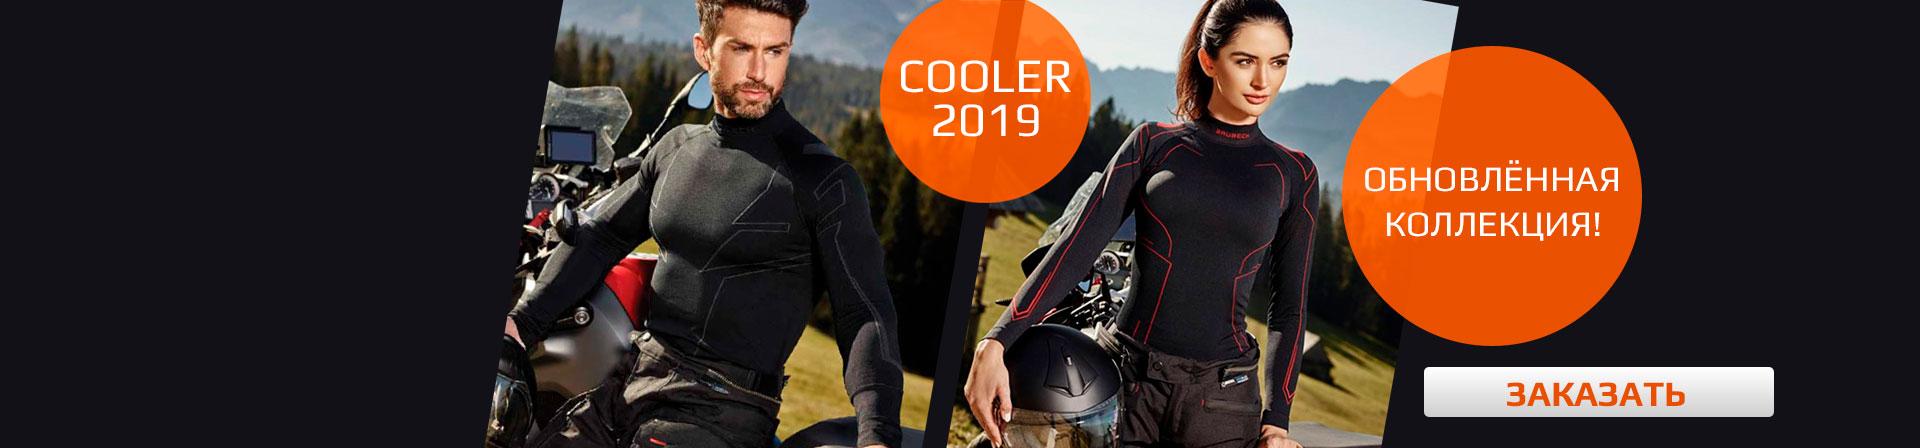 Обновленная коллекция Cooler